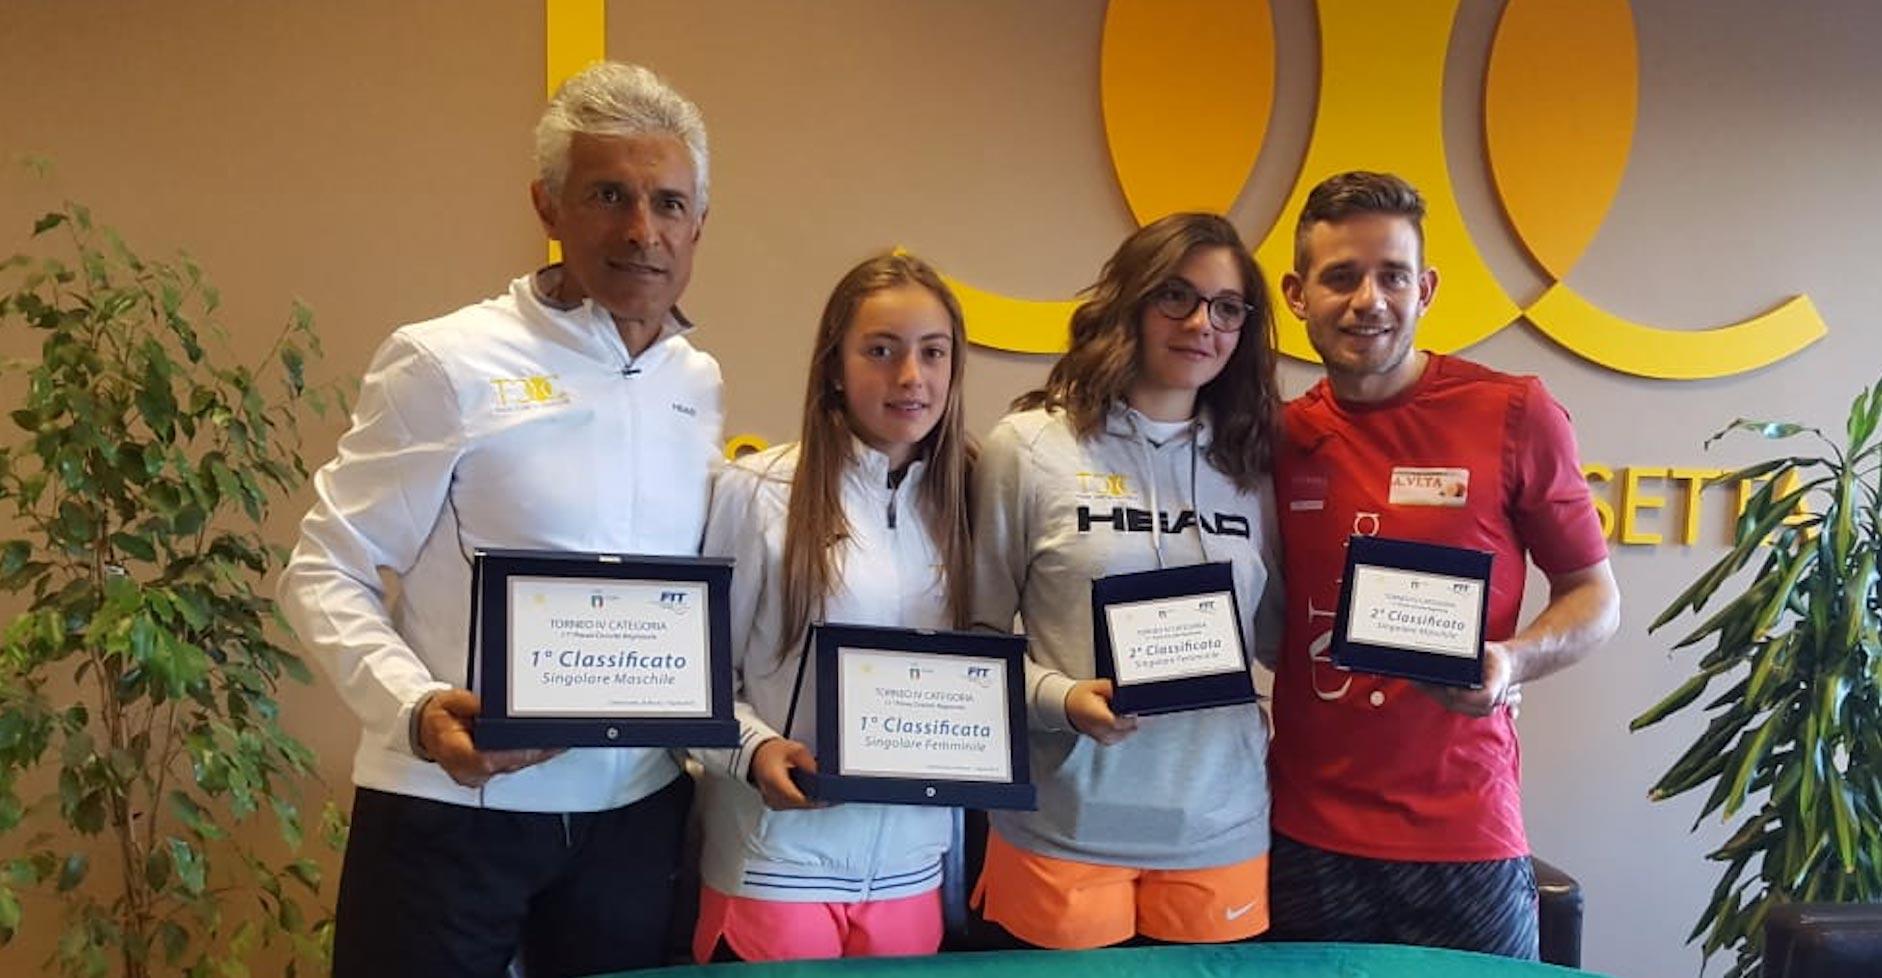 I finalisti dei tabelloni maschile e femminile. Da sinistra: Gaetano Blanda e Alessia Bertuccio (primi classificati nei rispettivi tornei), Federica Vancheri e Antonino Turiano (secondi classificati nei rispettivi tornei).